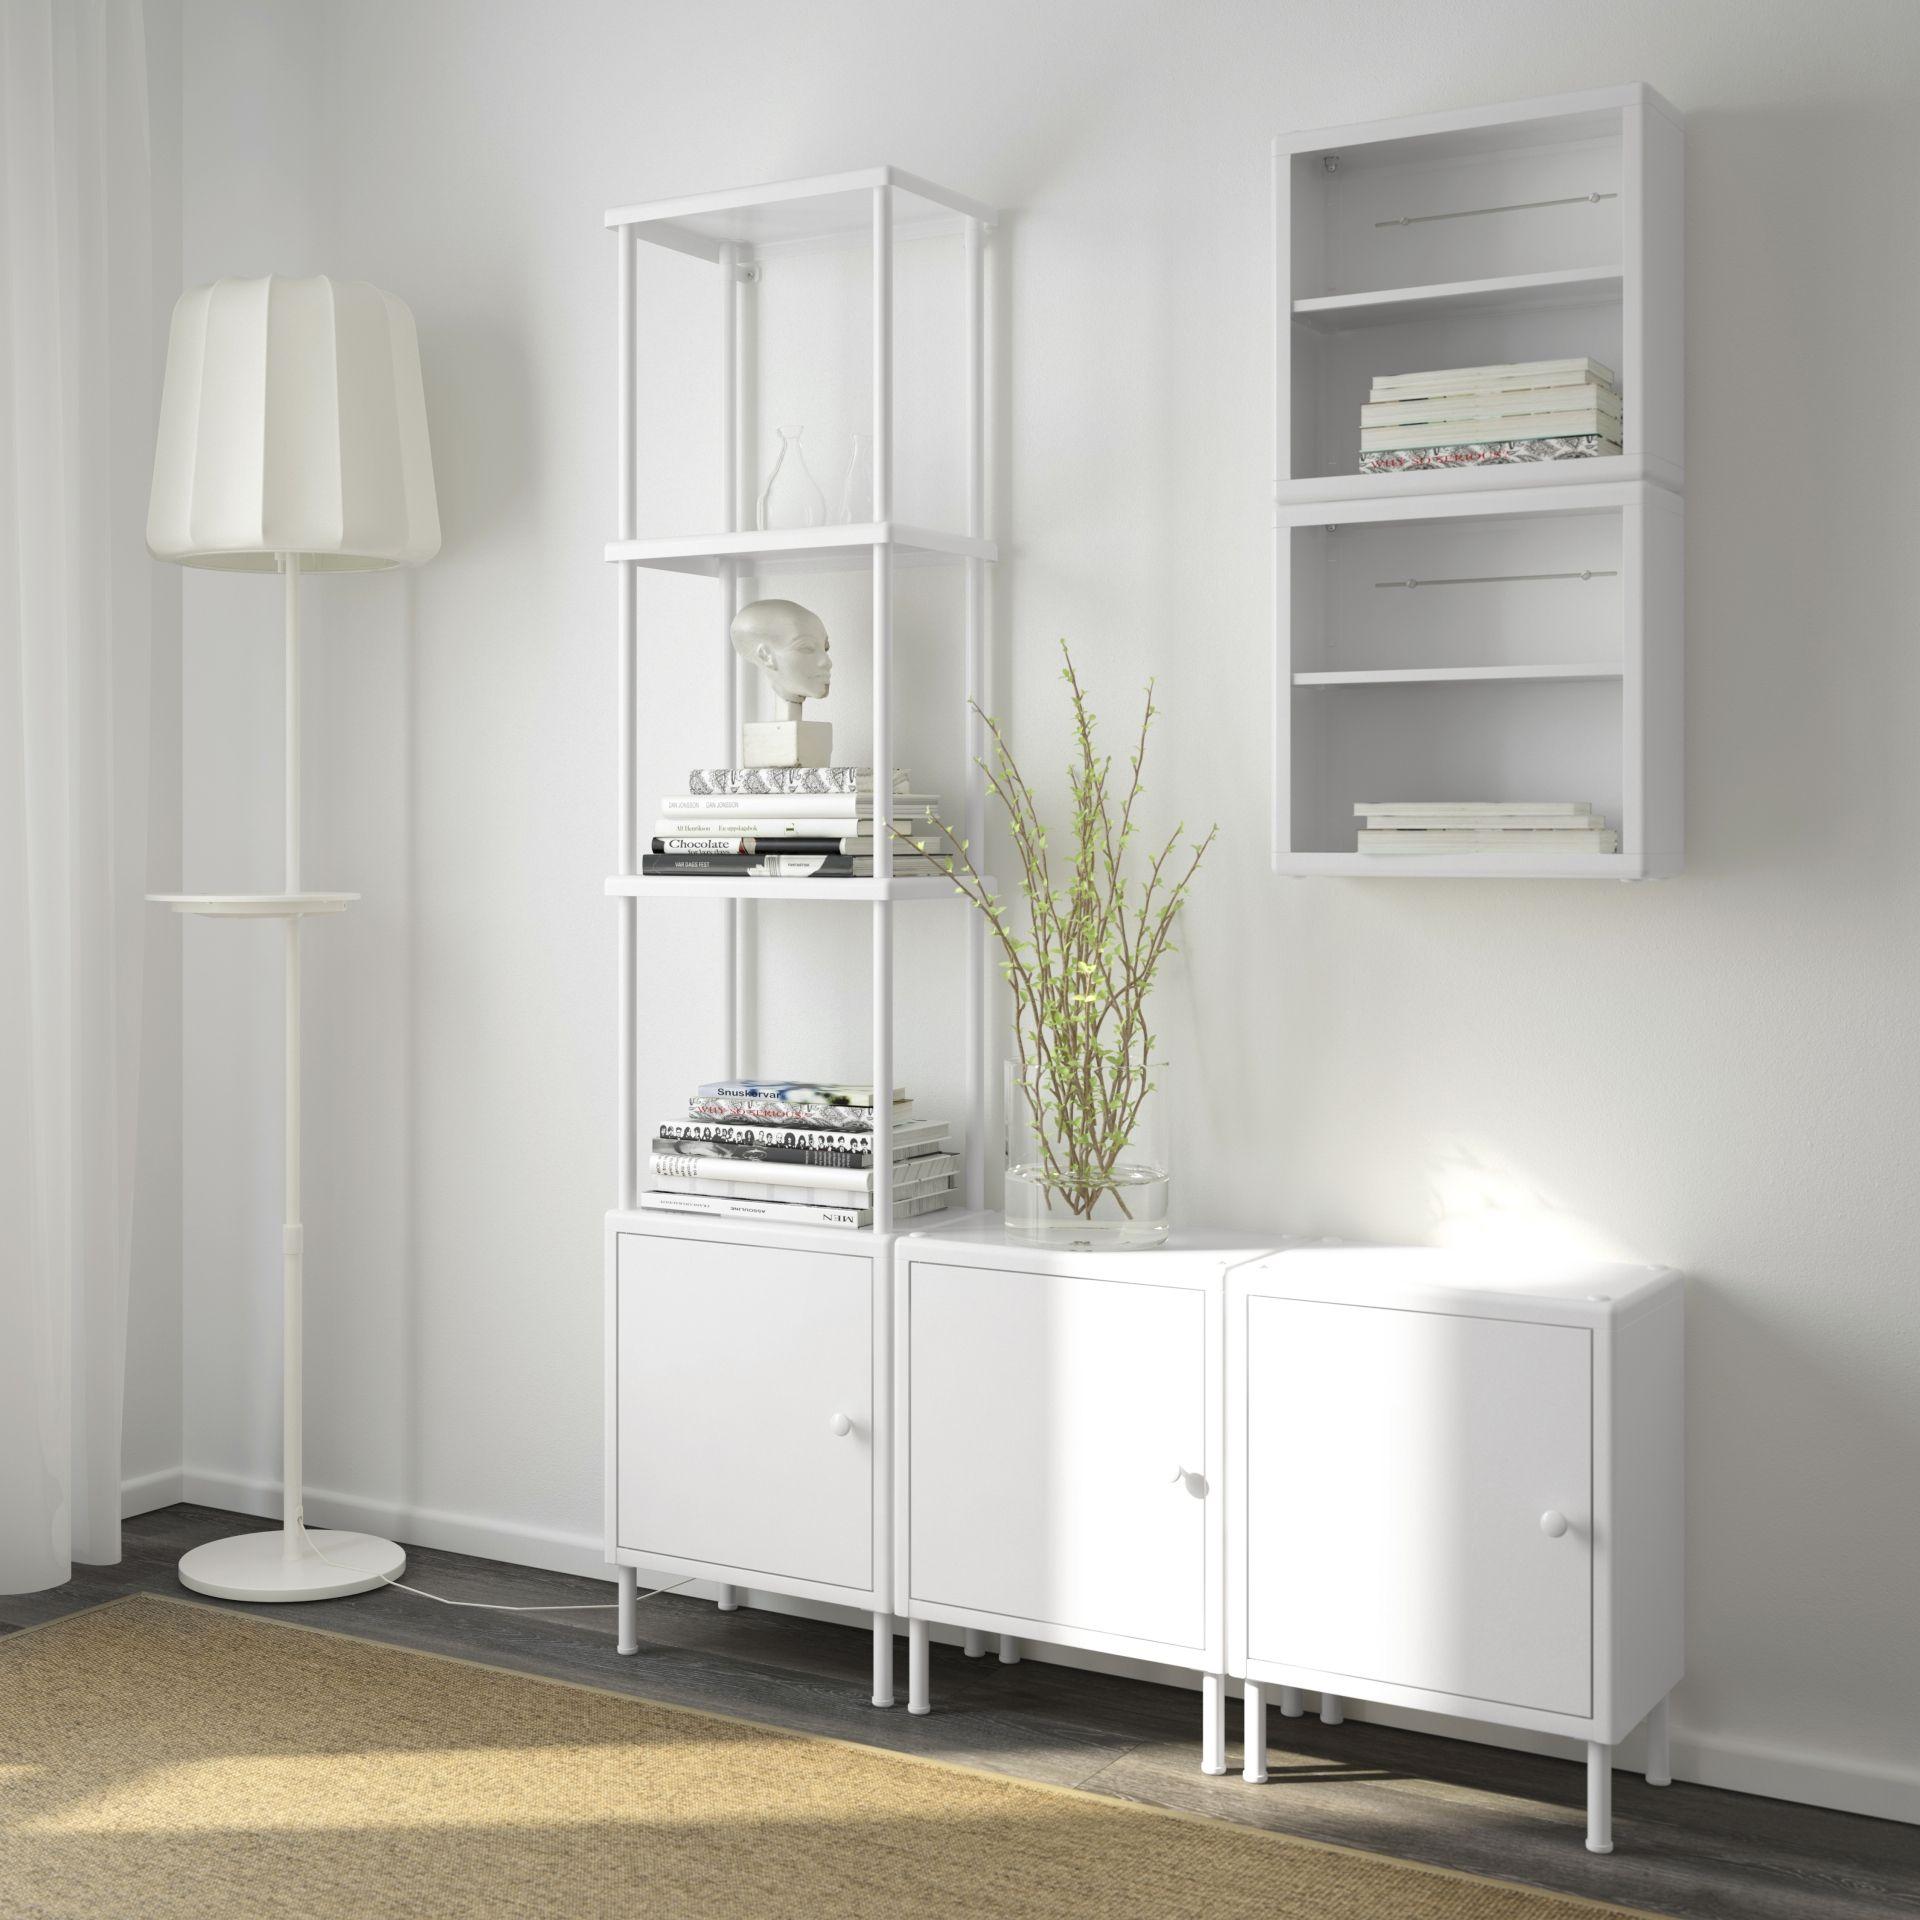 Hoge kast woonkamer wit badkamerkast hoogglans wit unique